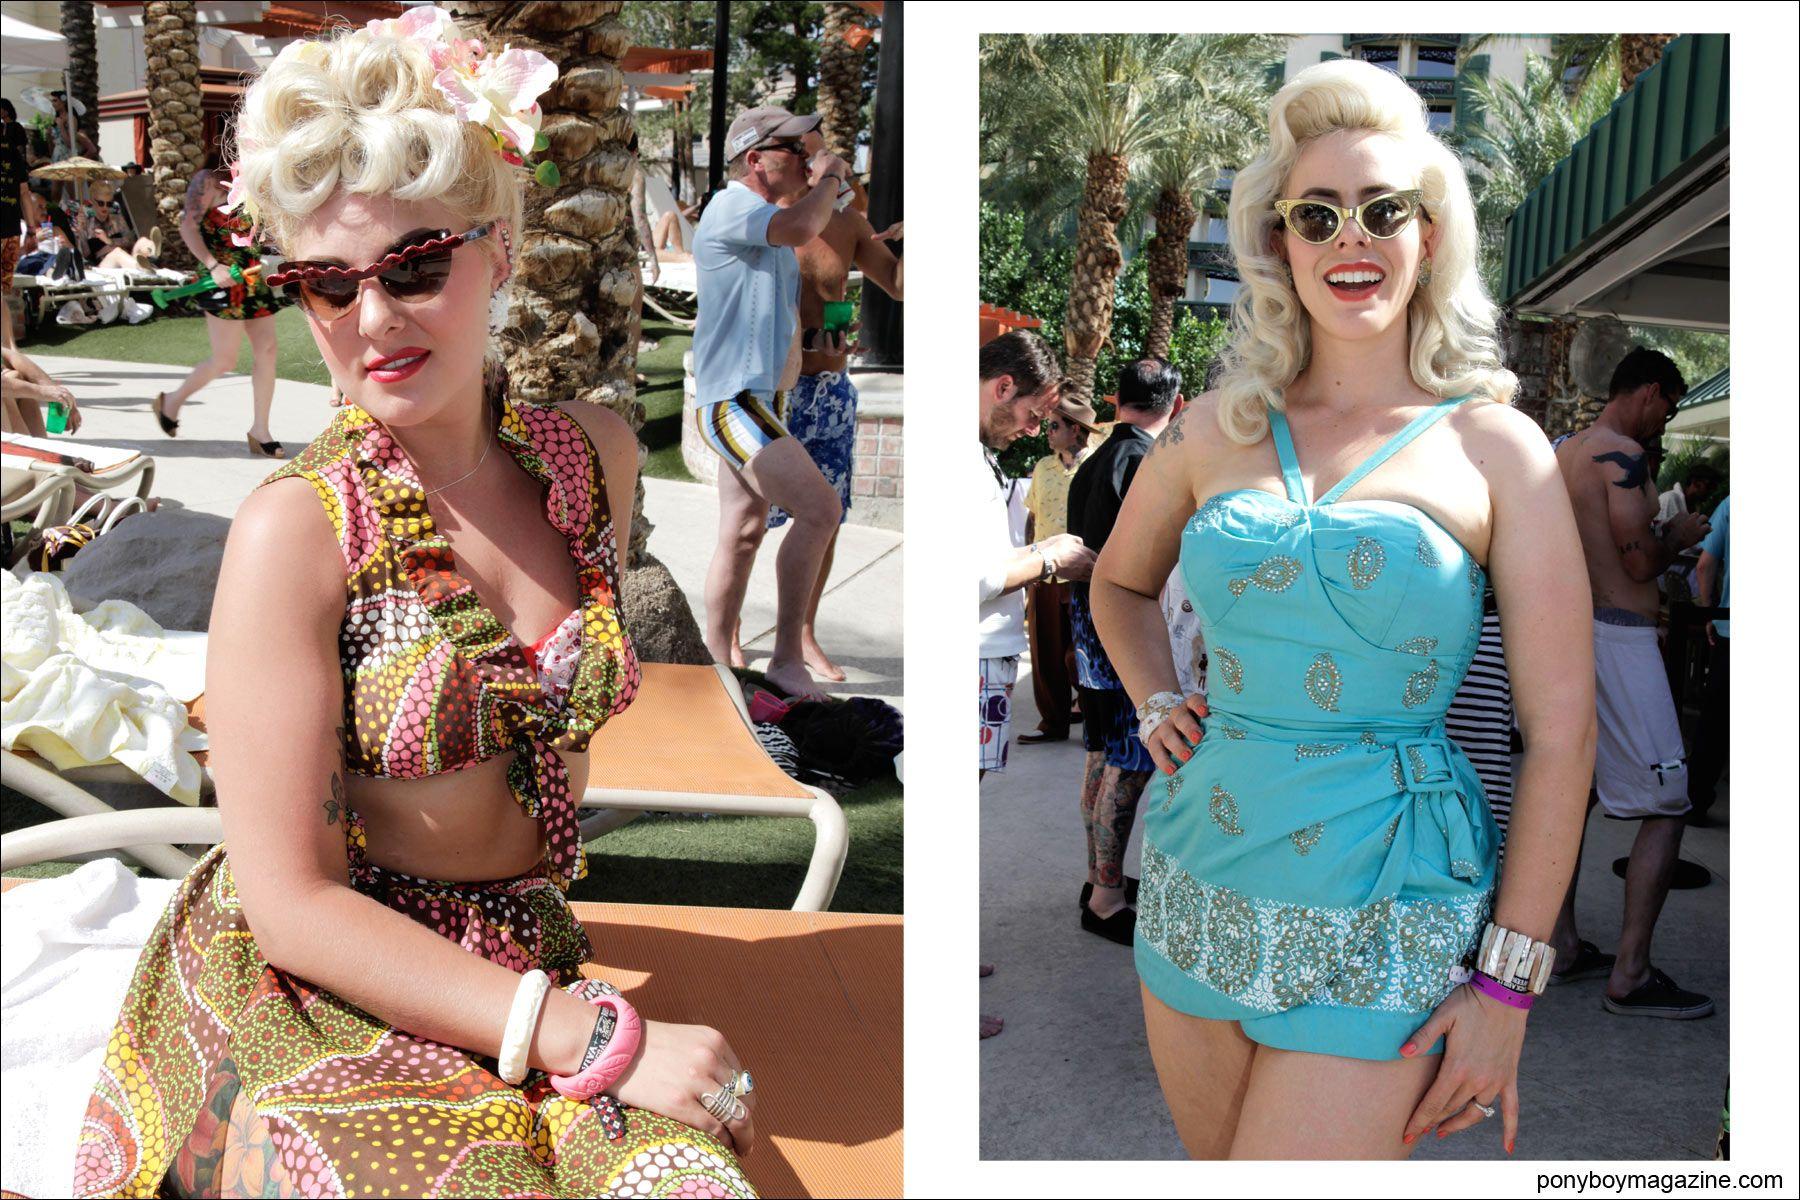 Viva Las Vegas Rockabilly Style Viva Las Vegas Rockabilly Rockabilly Fashion Las Vegas Fashion